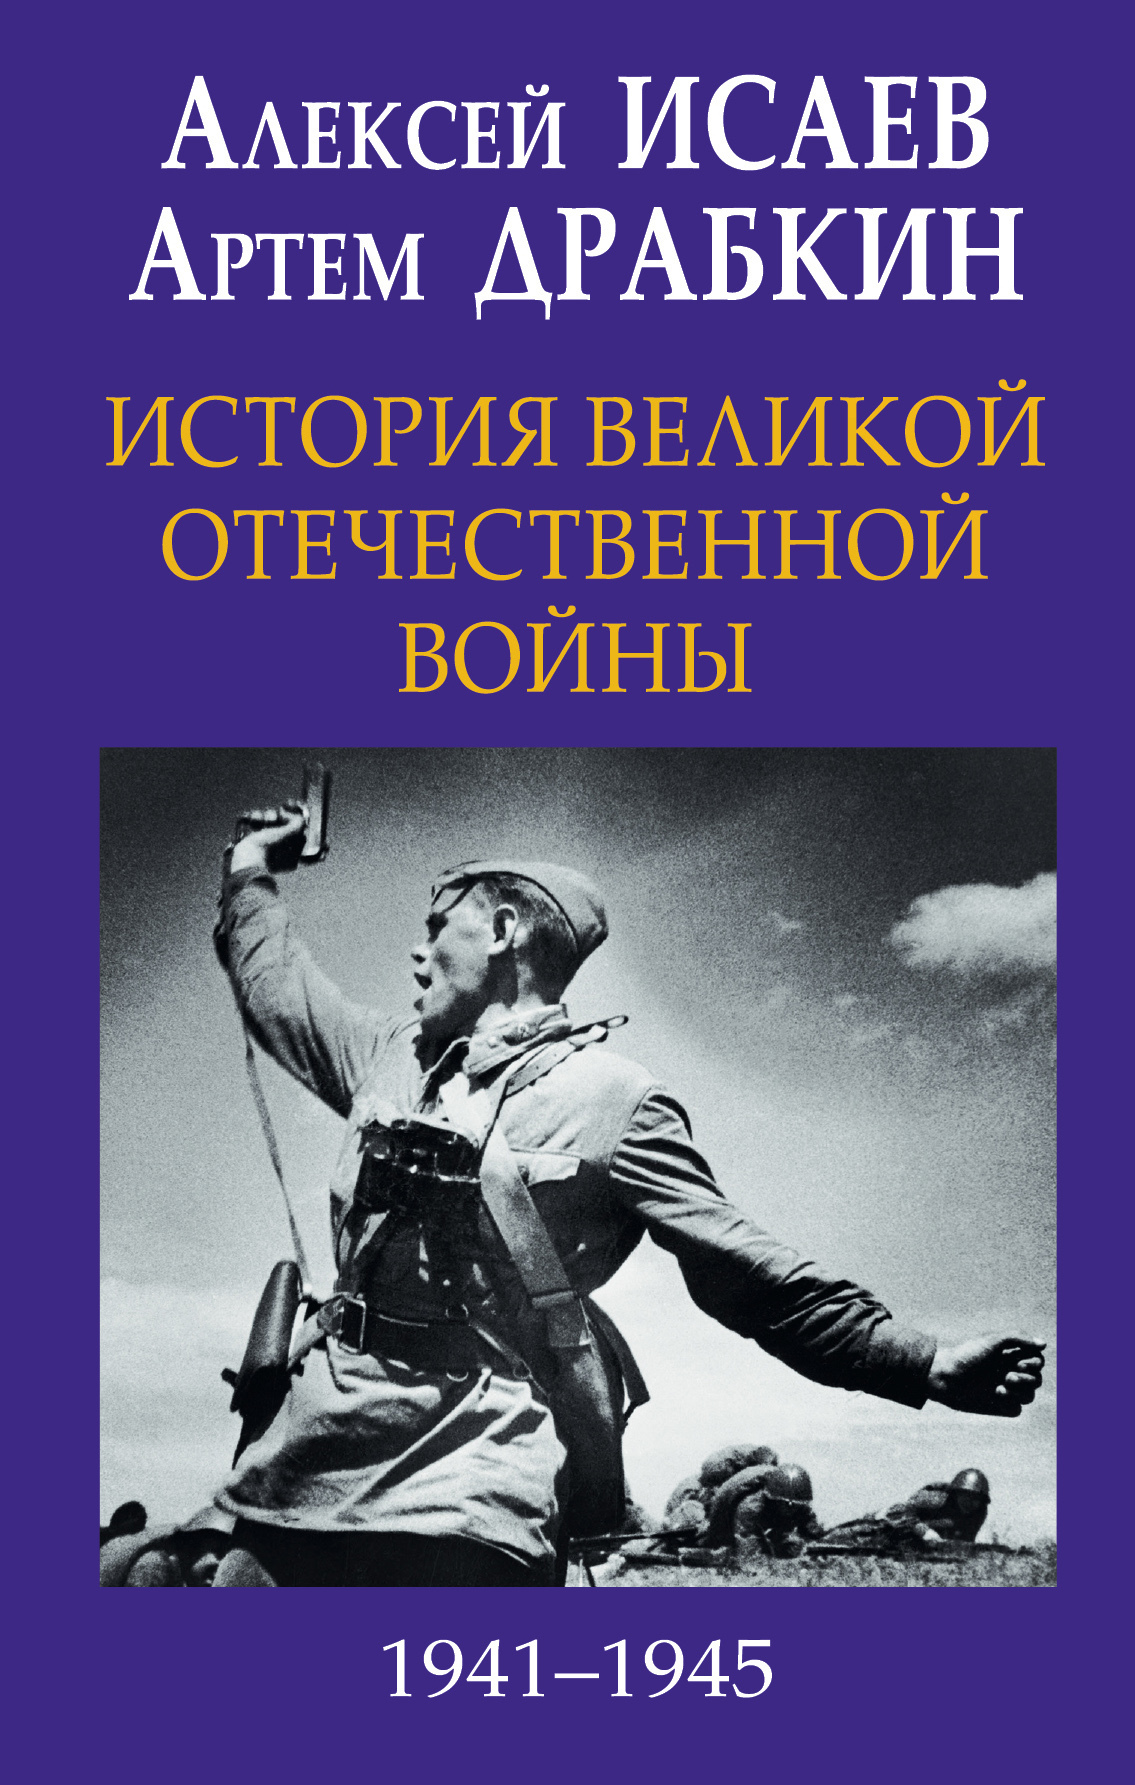 Артем Драбкин, Алексей Исаев - История Великой Отечественной войны 1941-1945 гг. водном томе